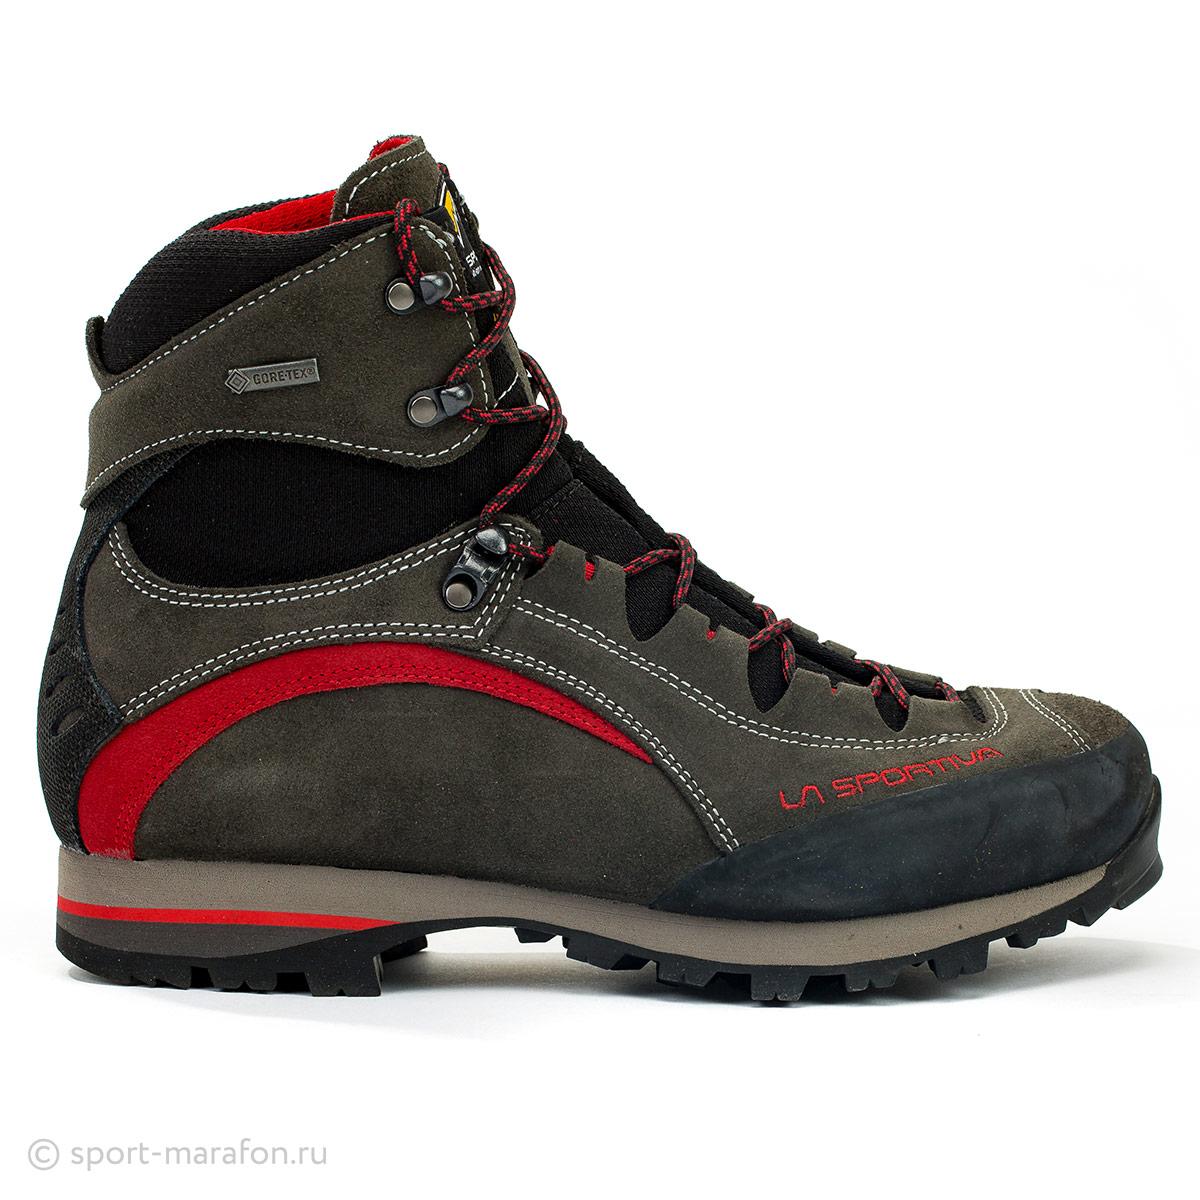 df5944687 Треккинговые ботинки - купить в магазине Спорт-Марафон с доставкой ...